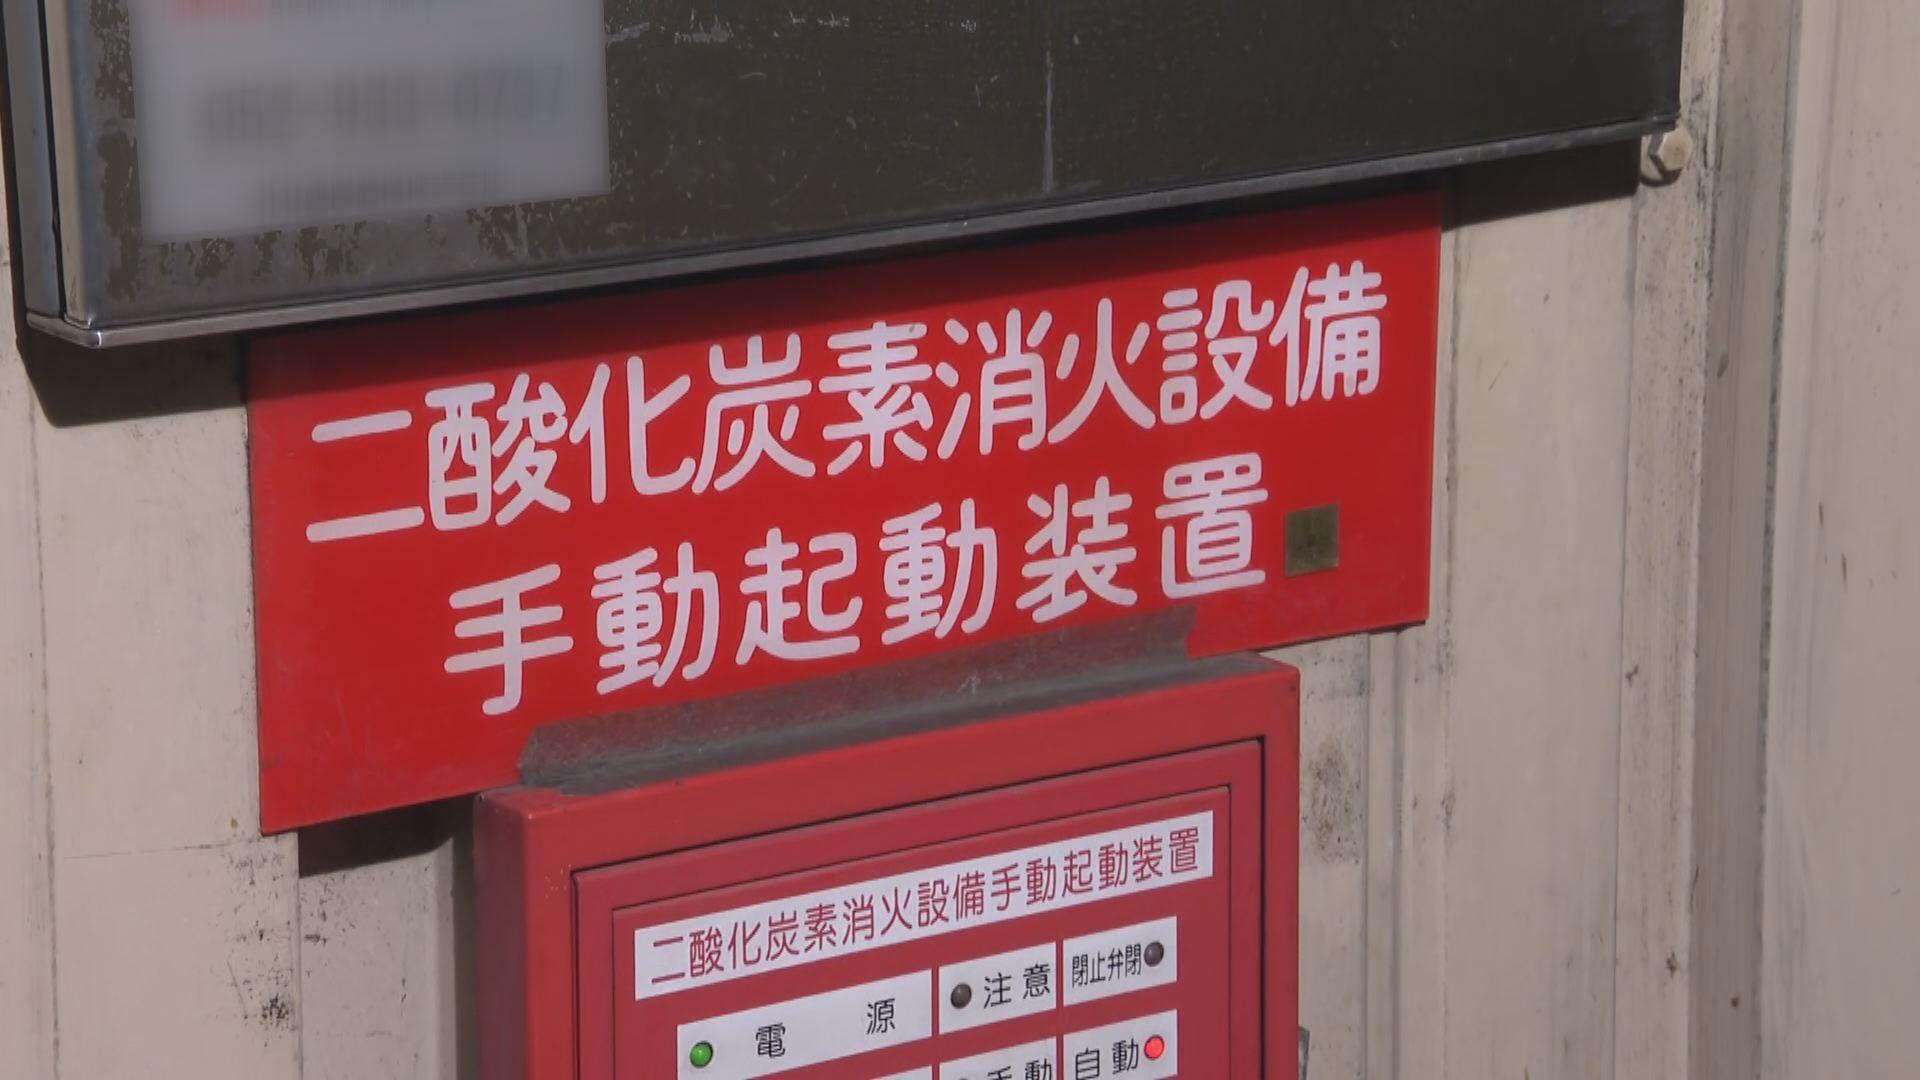 名古屋市のホテル立体駐車場で作業員が改修工事中に二酸化炭素中毒で死亡1